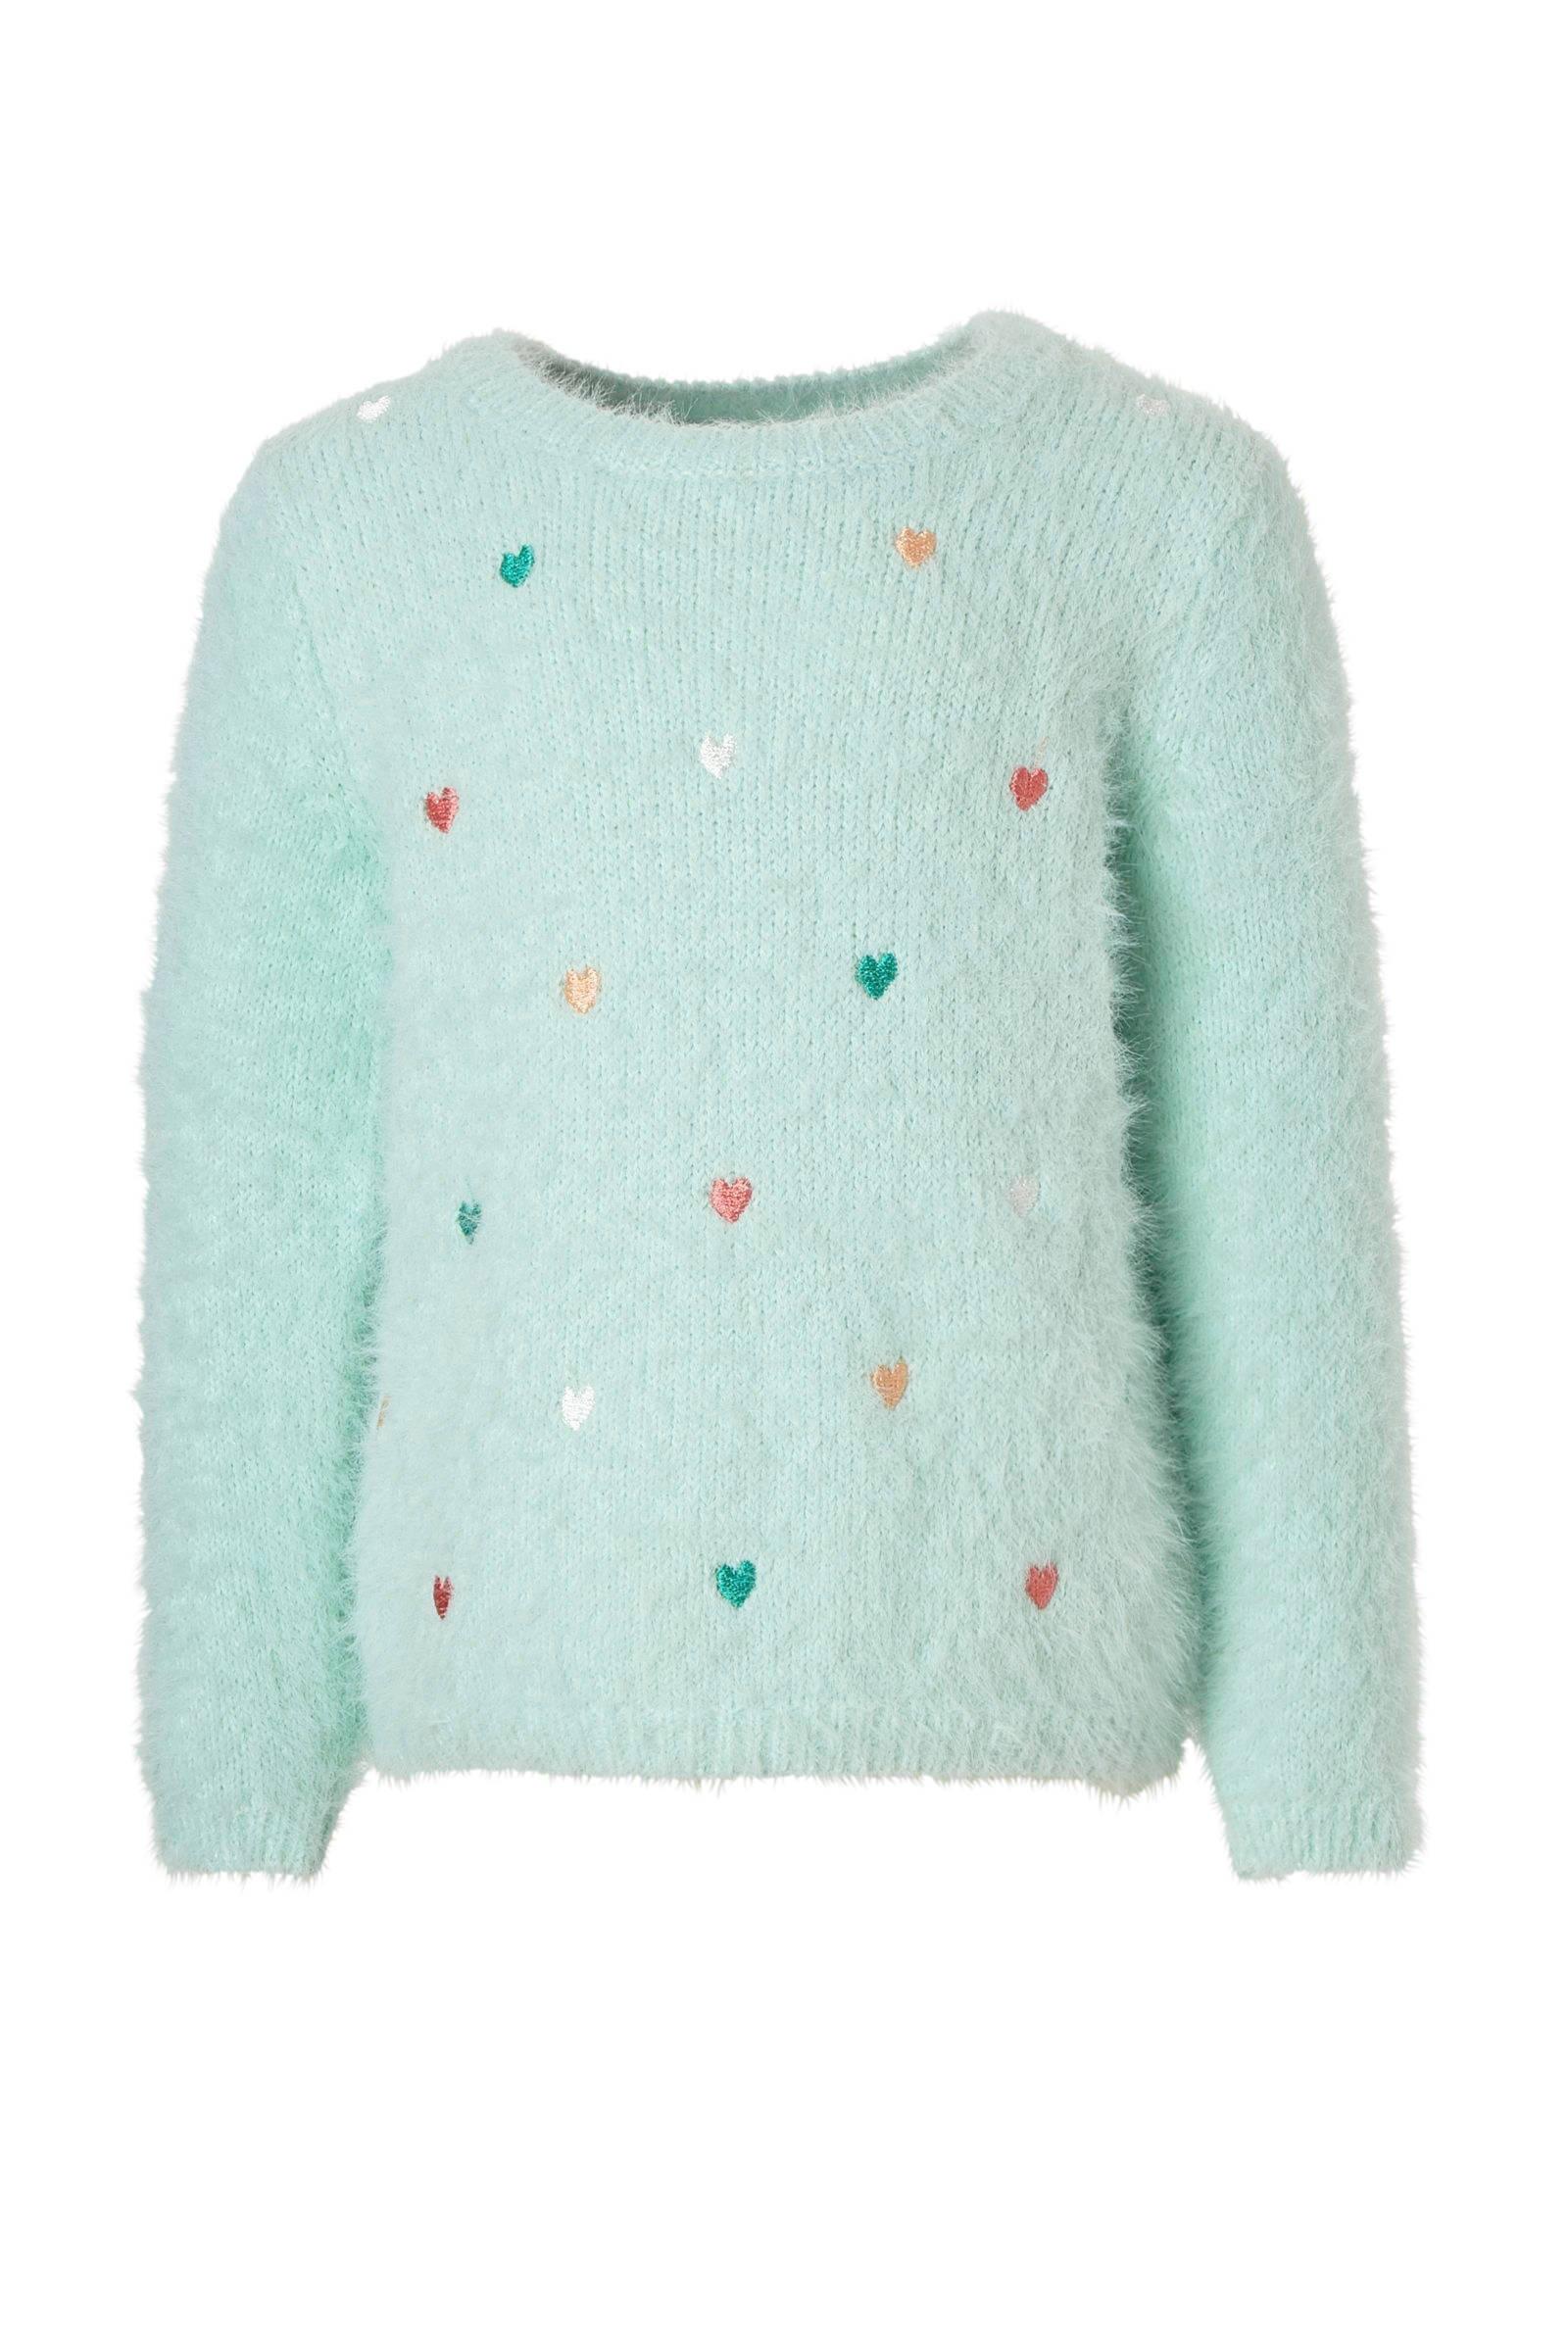 Hartjes truien kopen? | BESLIST.nl | Nieuwe collectie